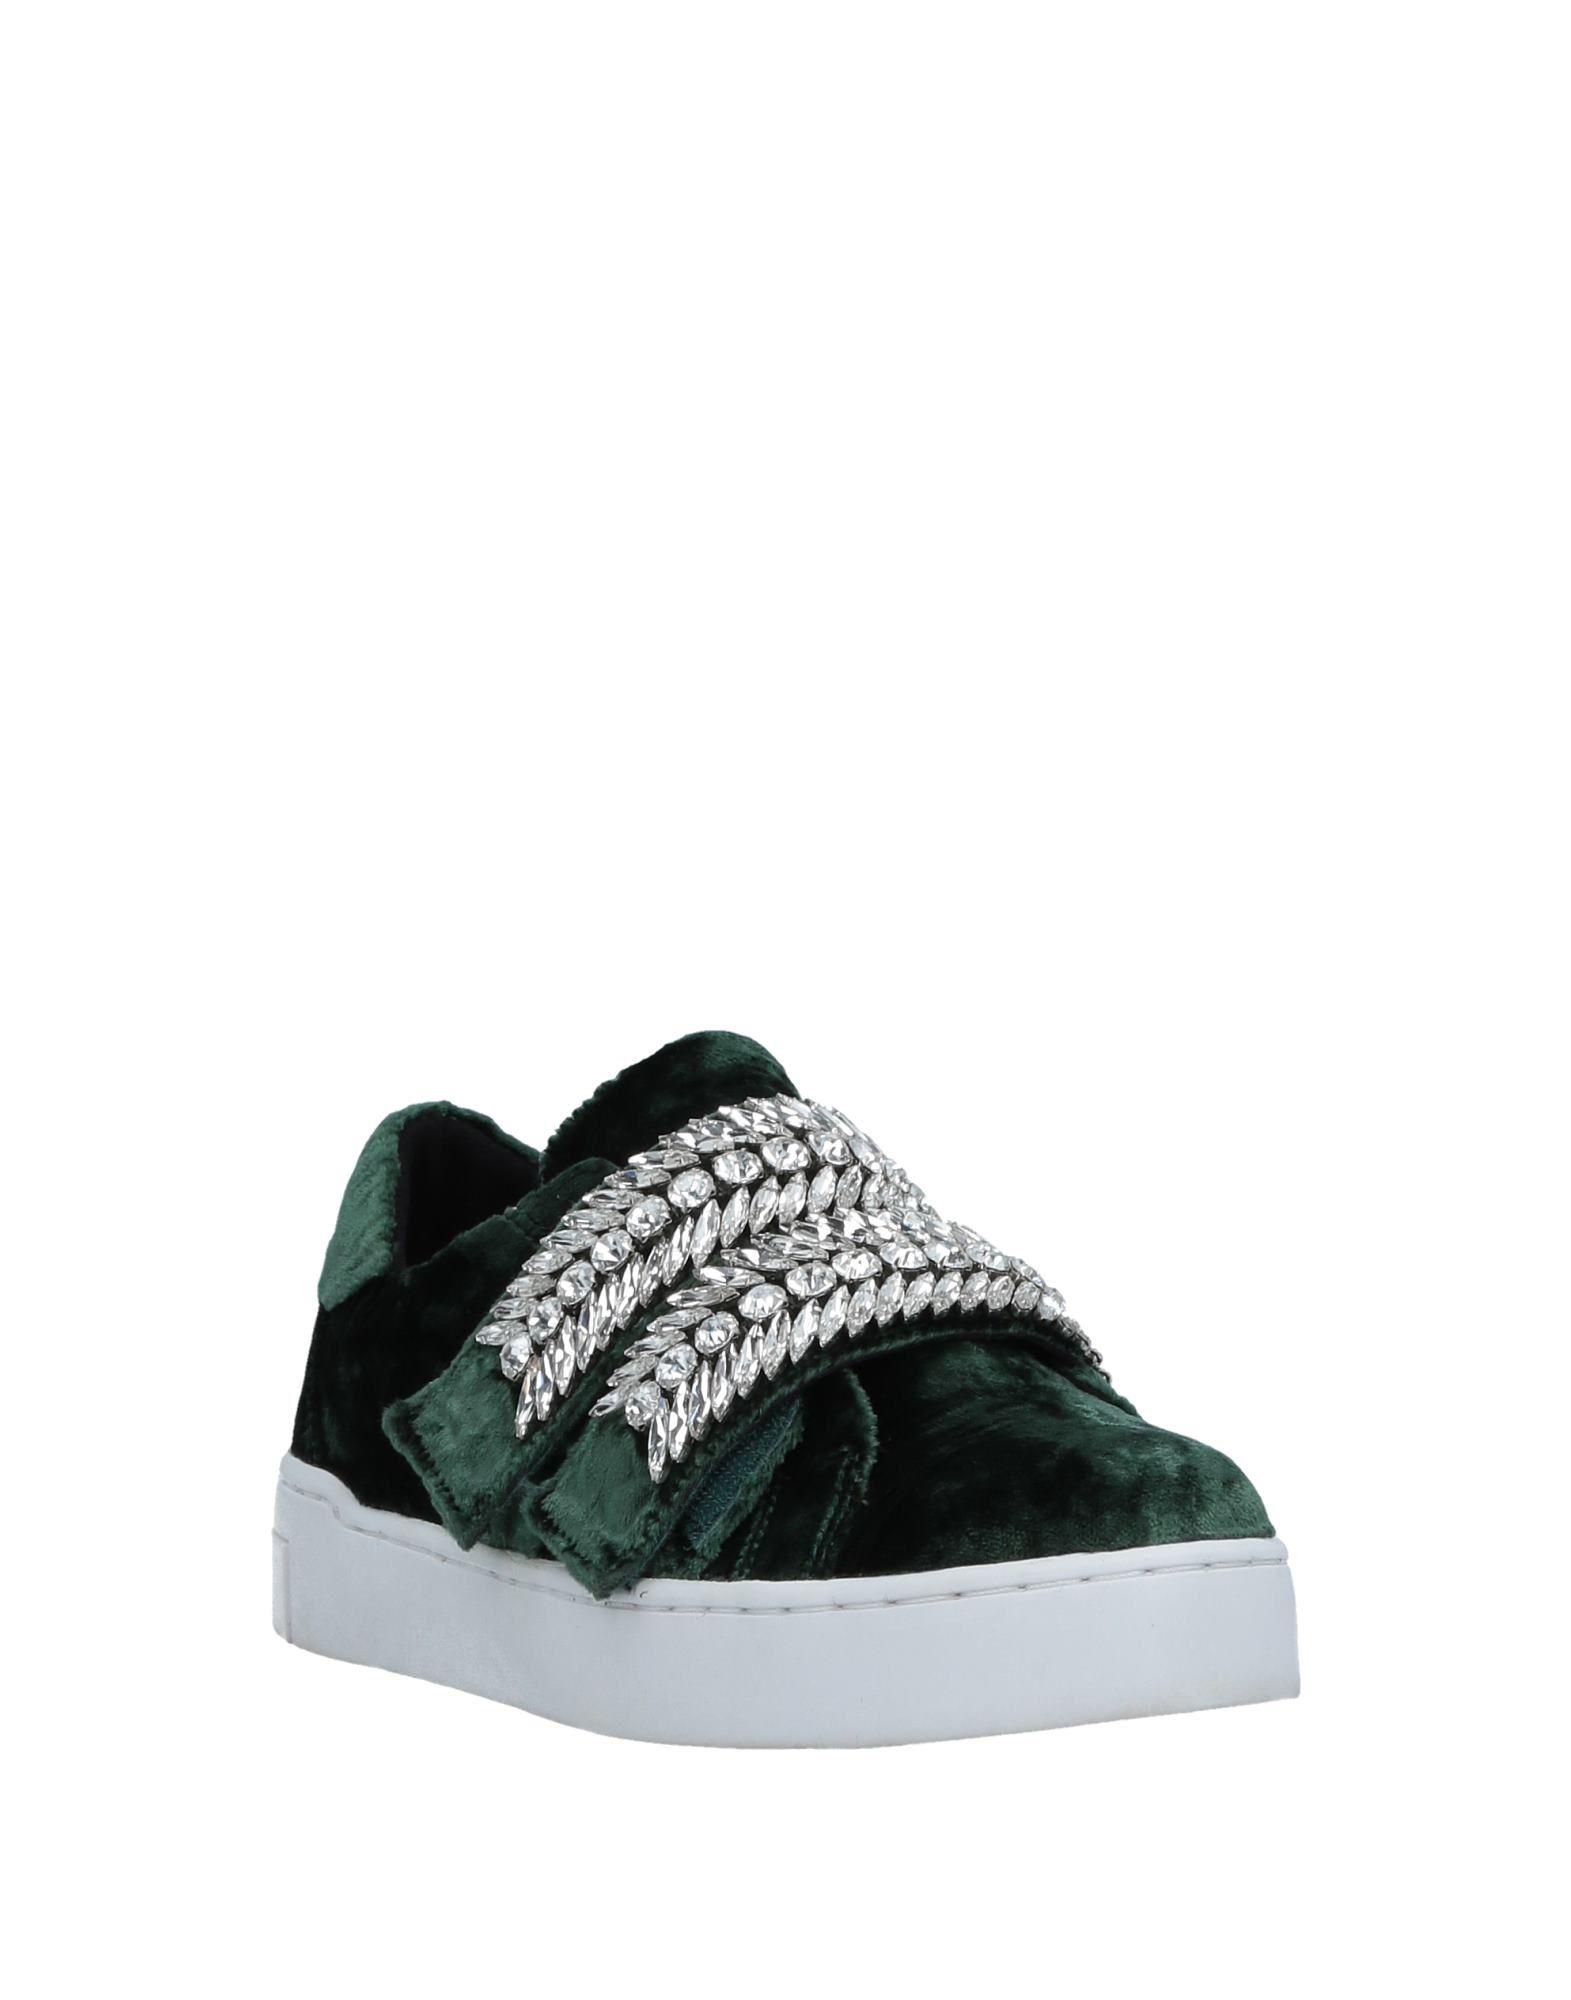 Stilvolle billige Sneakers Schuhe Suecomma Bonnie Sneakers billige Damen  11516186SH 45dce6